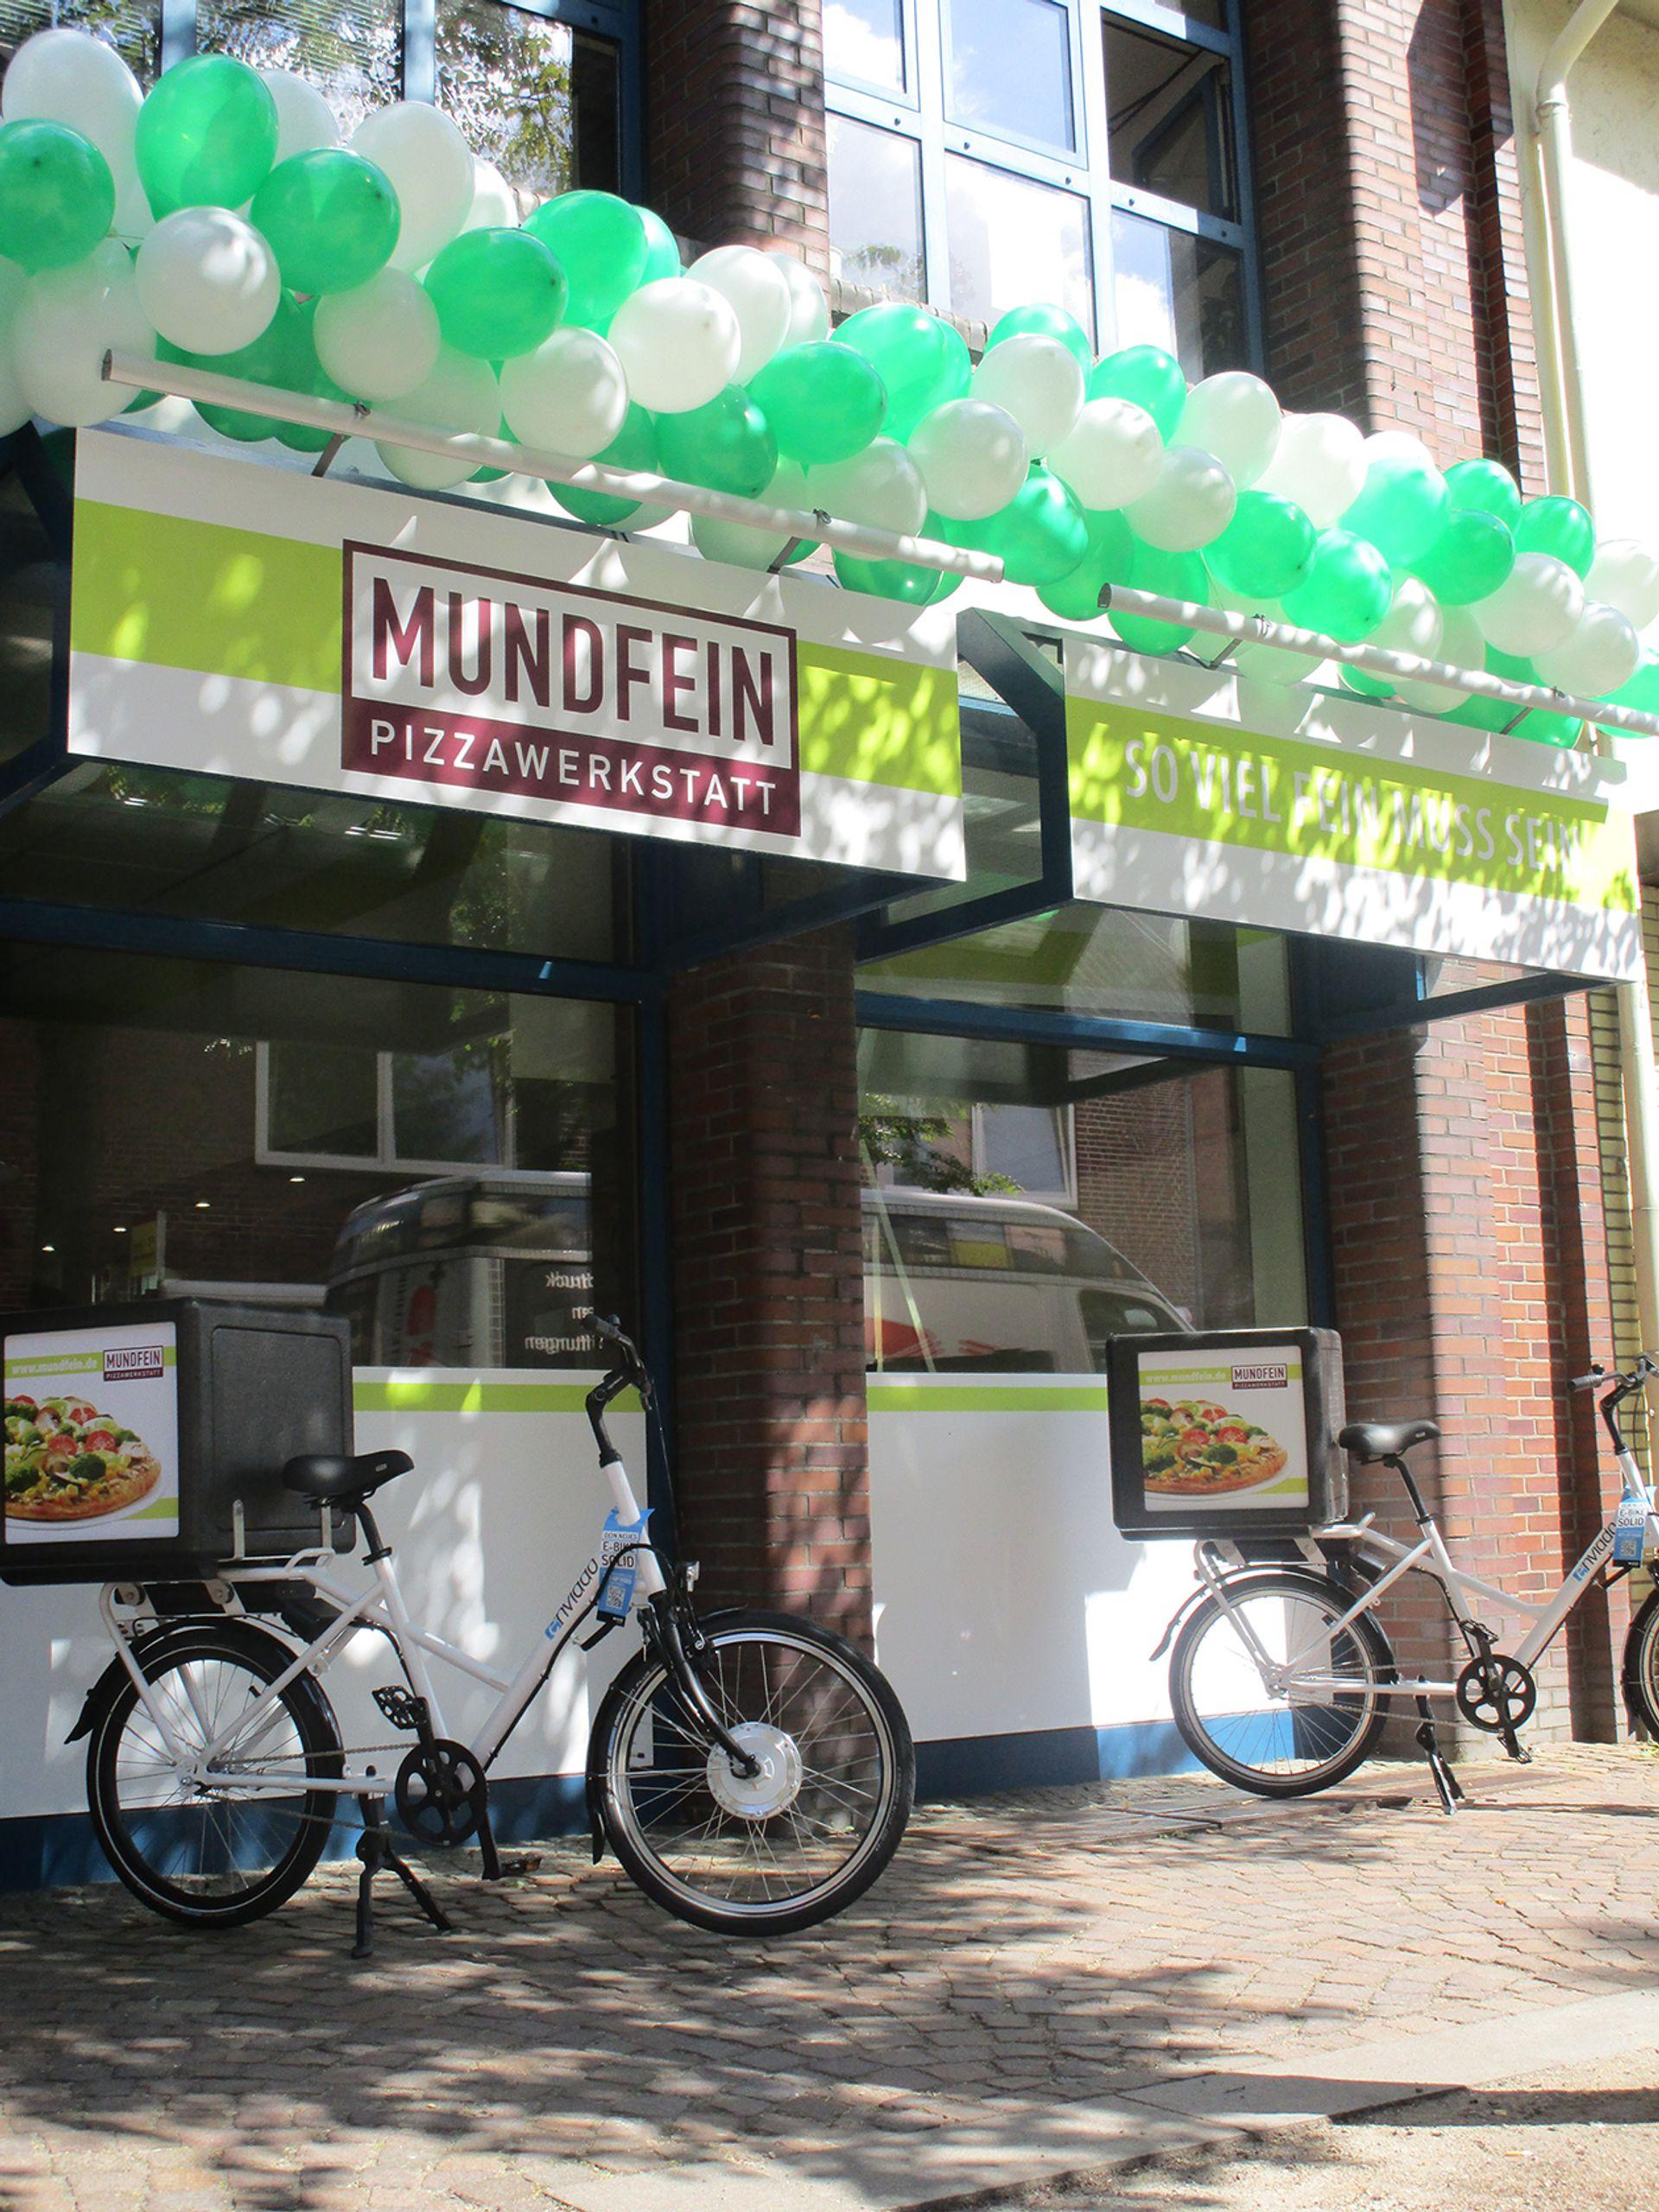 MUNDFEIN Pizzawerkstatt Ahrensburg unter neuer Leitung